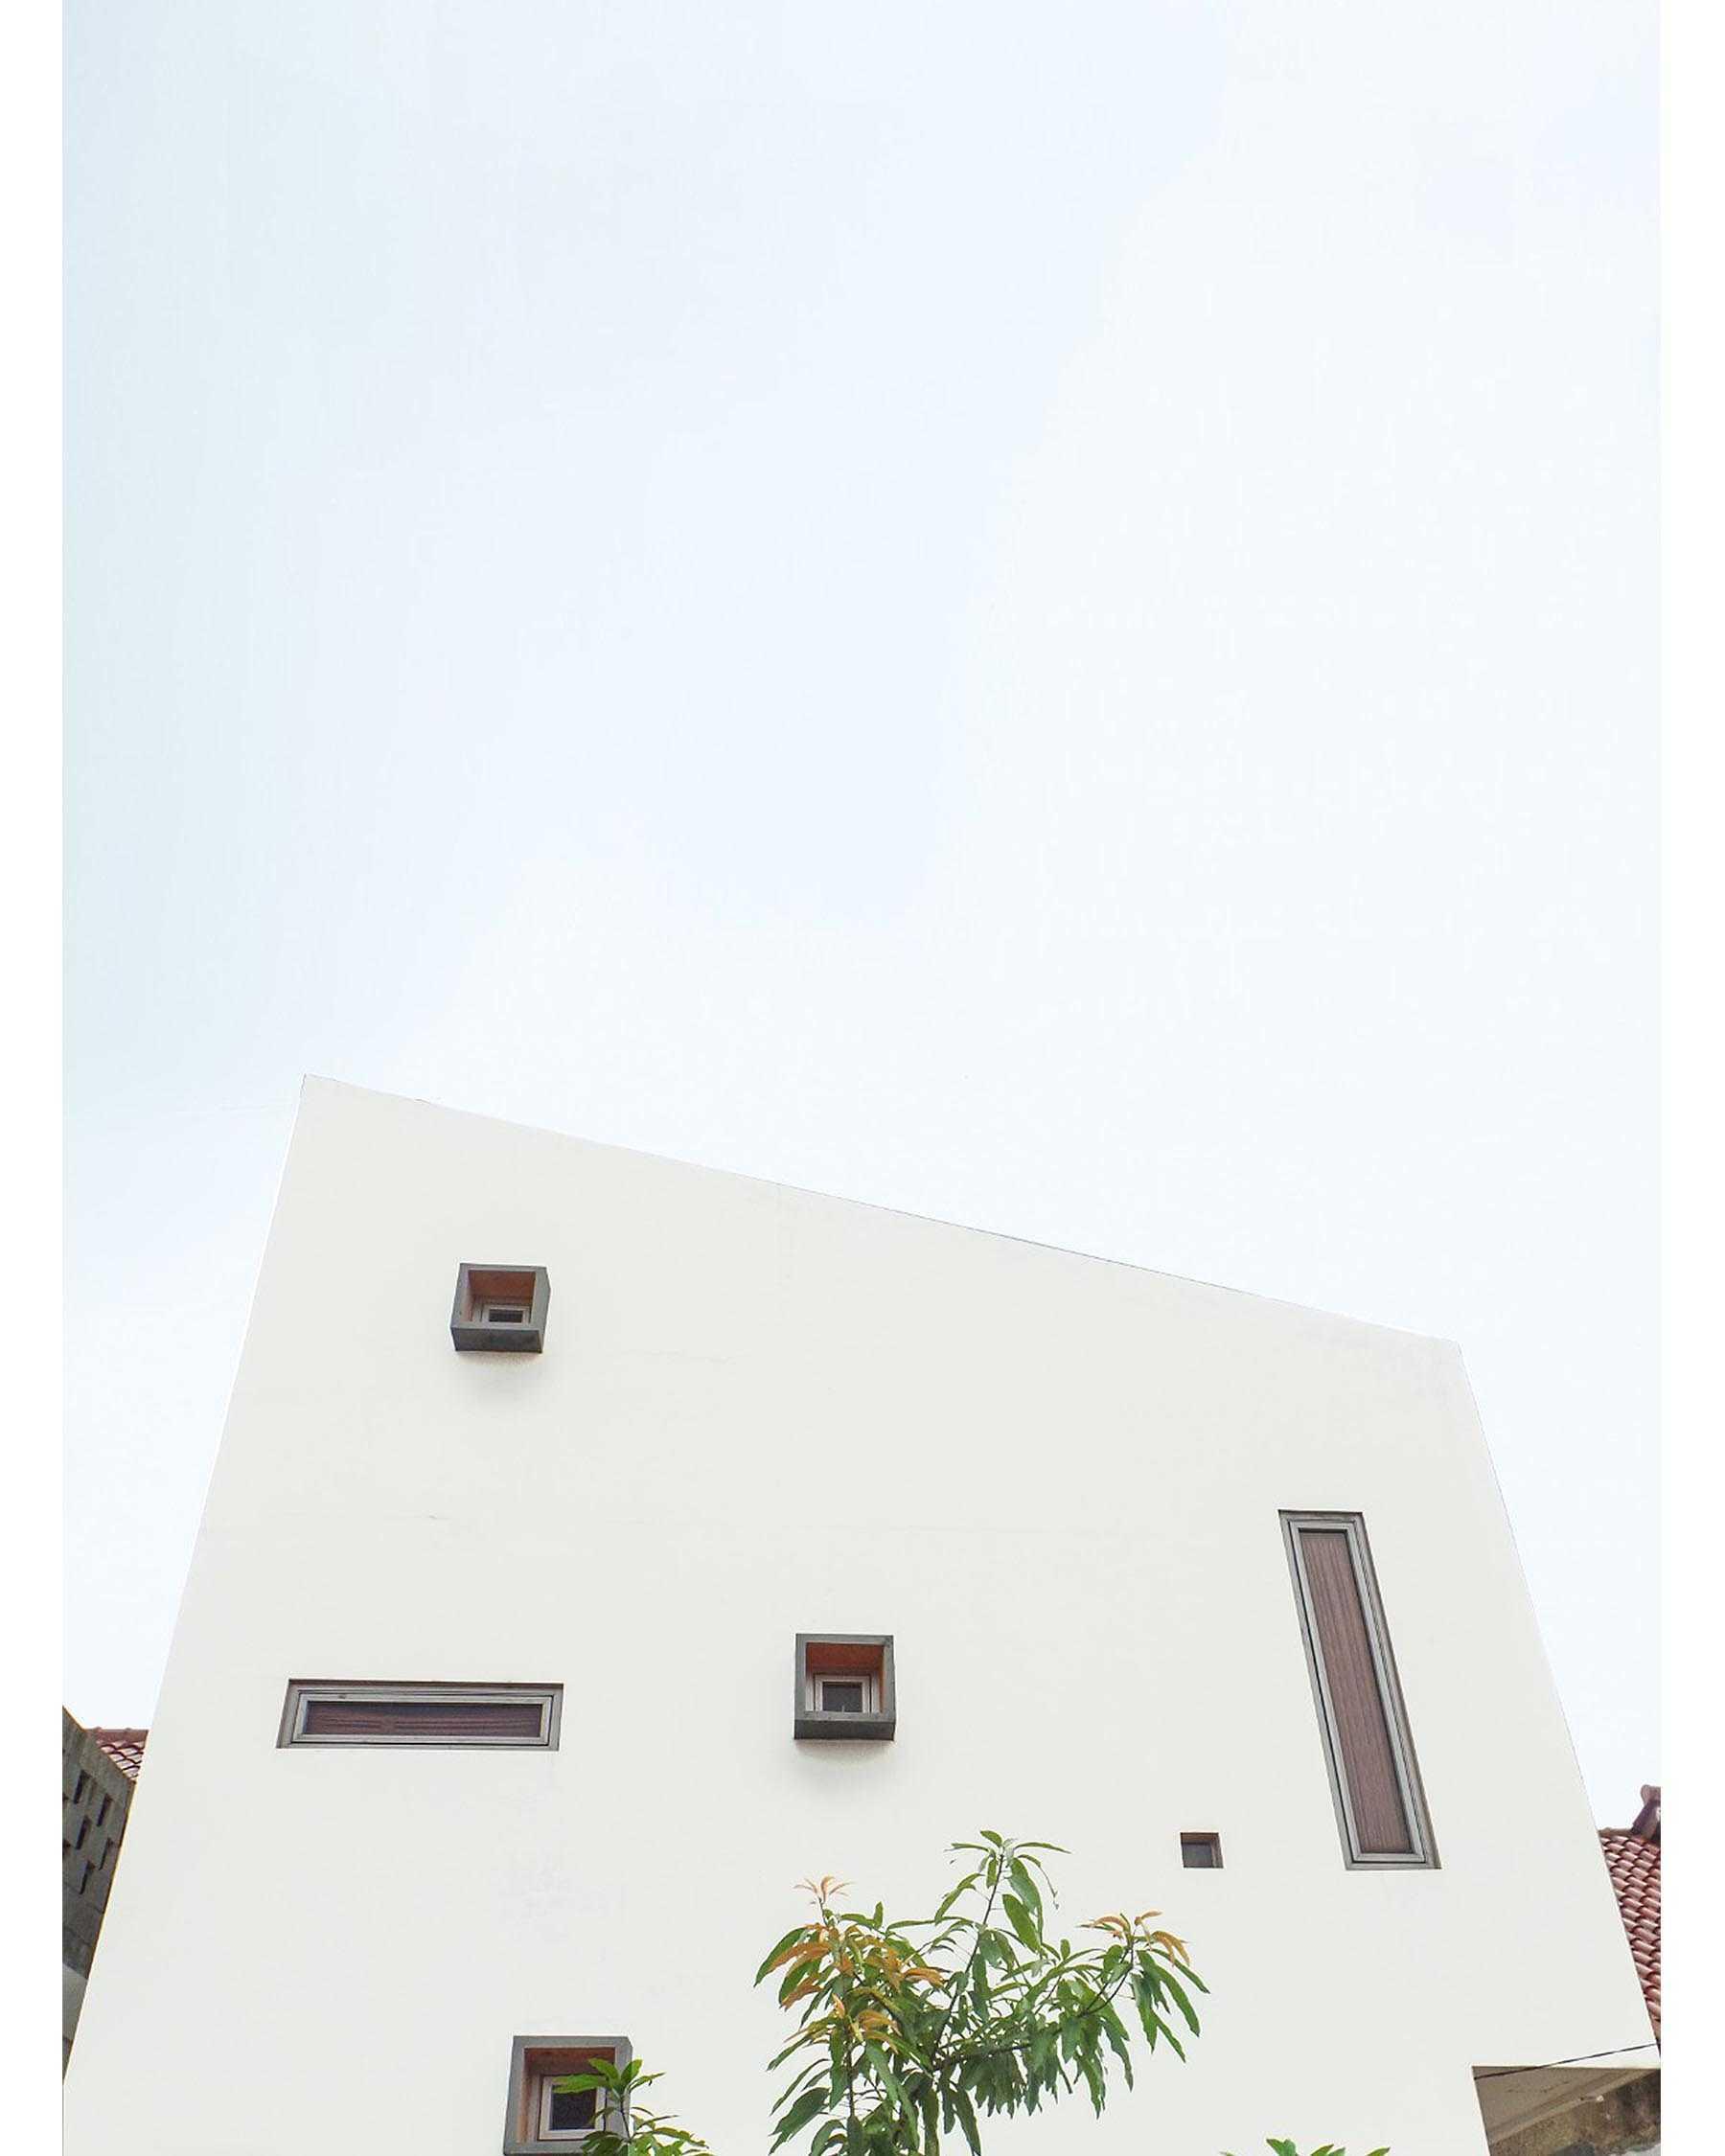 Arsitek Pramudya Rumah Jagakarsa Kec. Jagakarsa, Kota Jakarta Selatan, Daerah Khusus Ibukota Jakarta, Indonesia Kec. Jagakarsa, Kota Jakarta Selatan, Daerah Khusus Ibukota Jakarta, Indonesia Pramudya-Rumah-Jagakarsa   93159